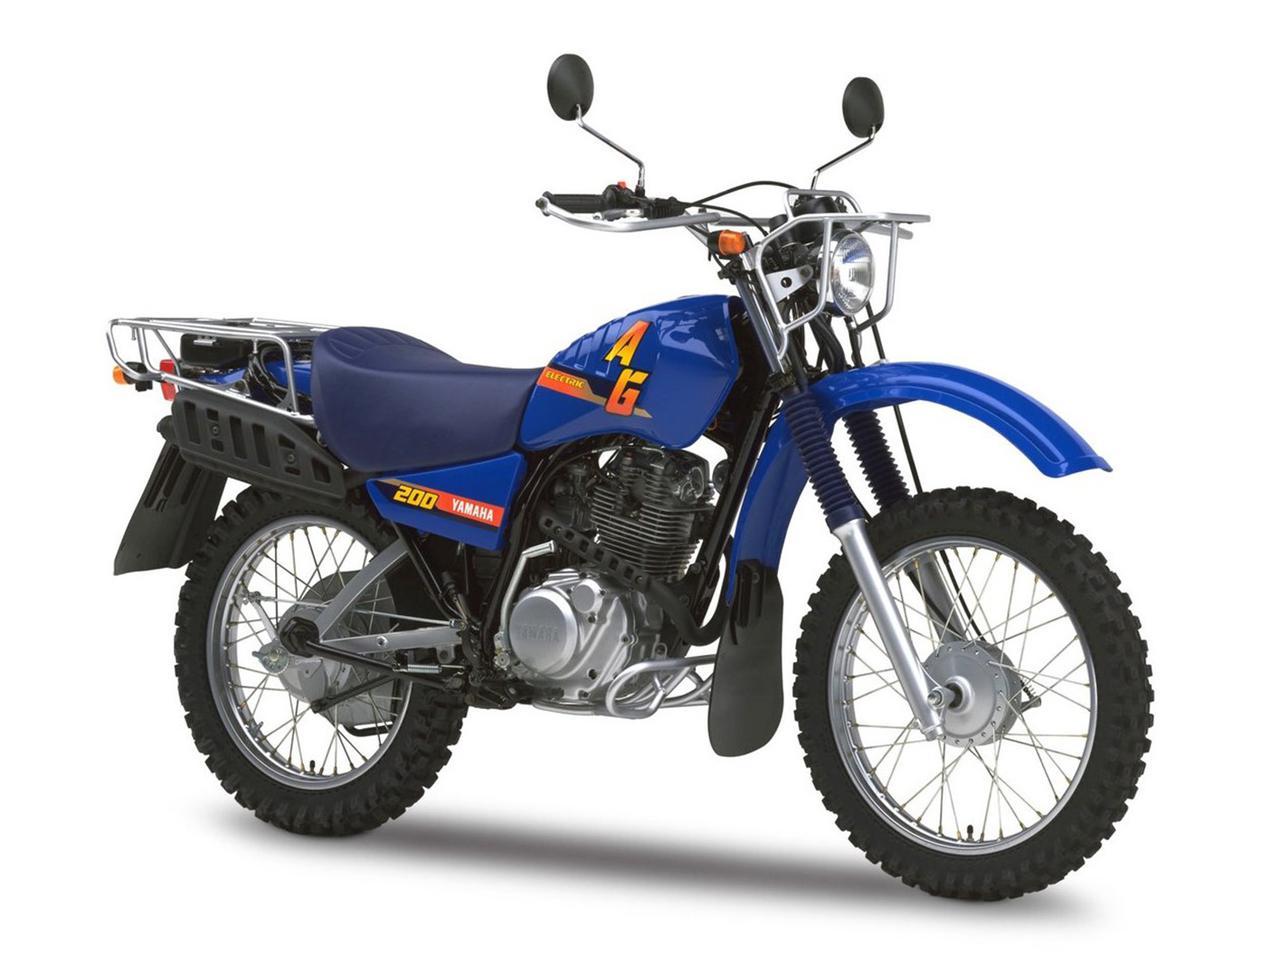 画像: YAMAHA AG200 海外仕様の現行モデル 総排気量:196cc エンジン形式:空冷4ストSOHC2バルブ単気筒 シート高:830mm 車両重量:128kg